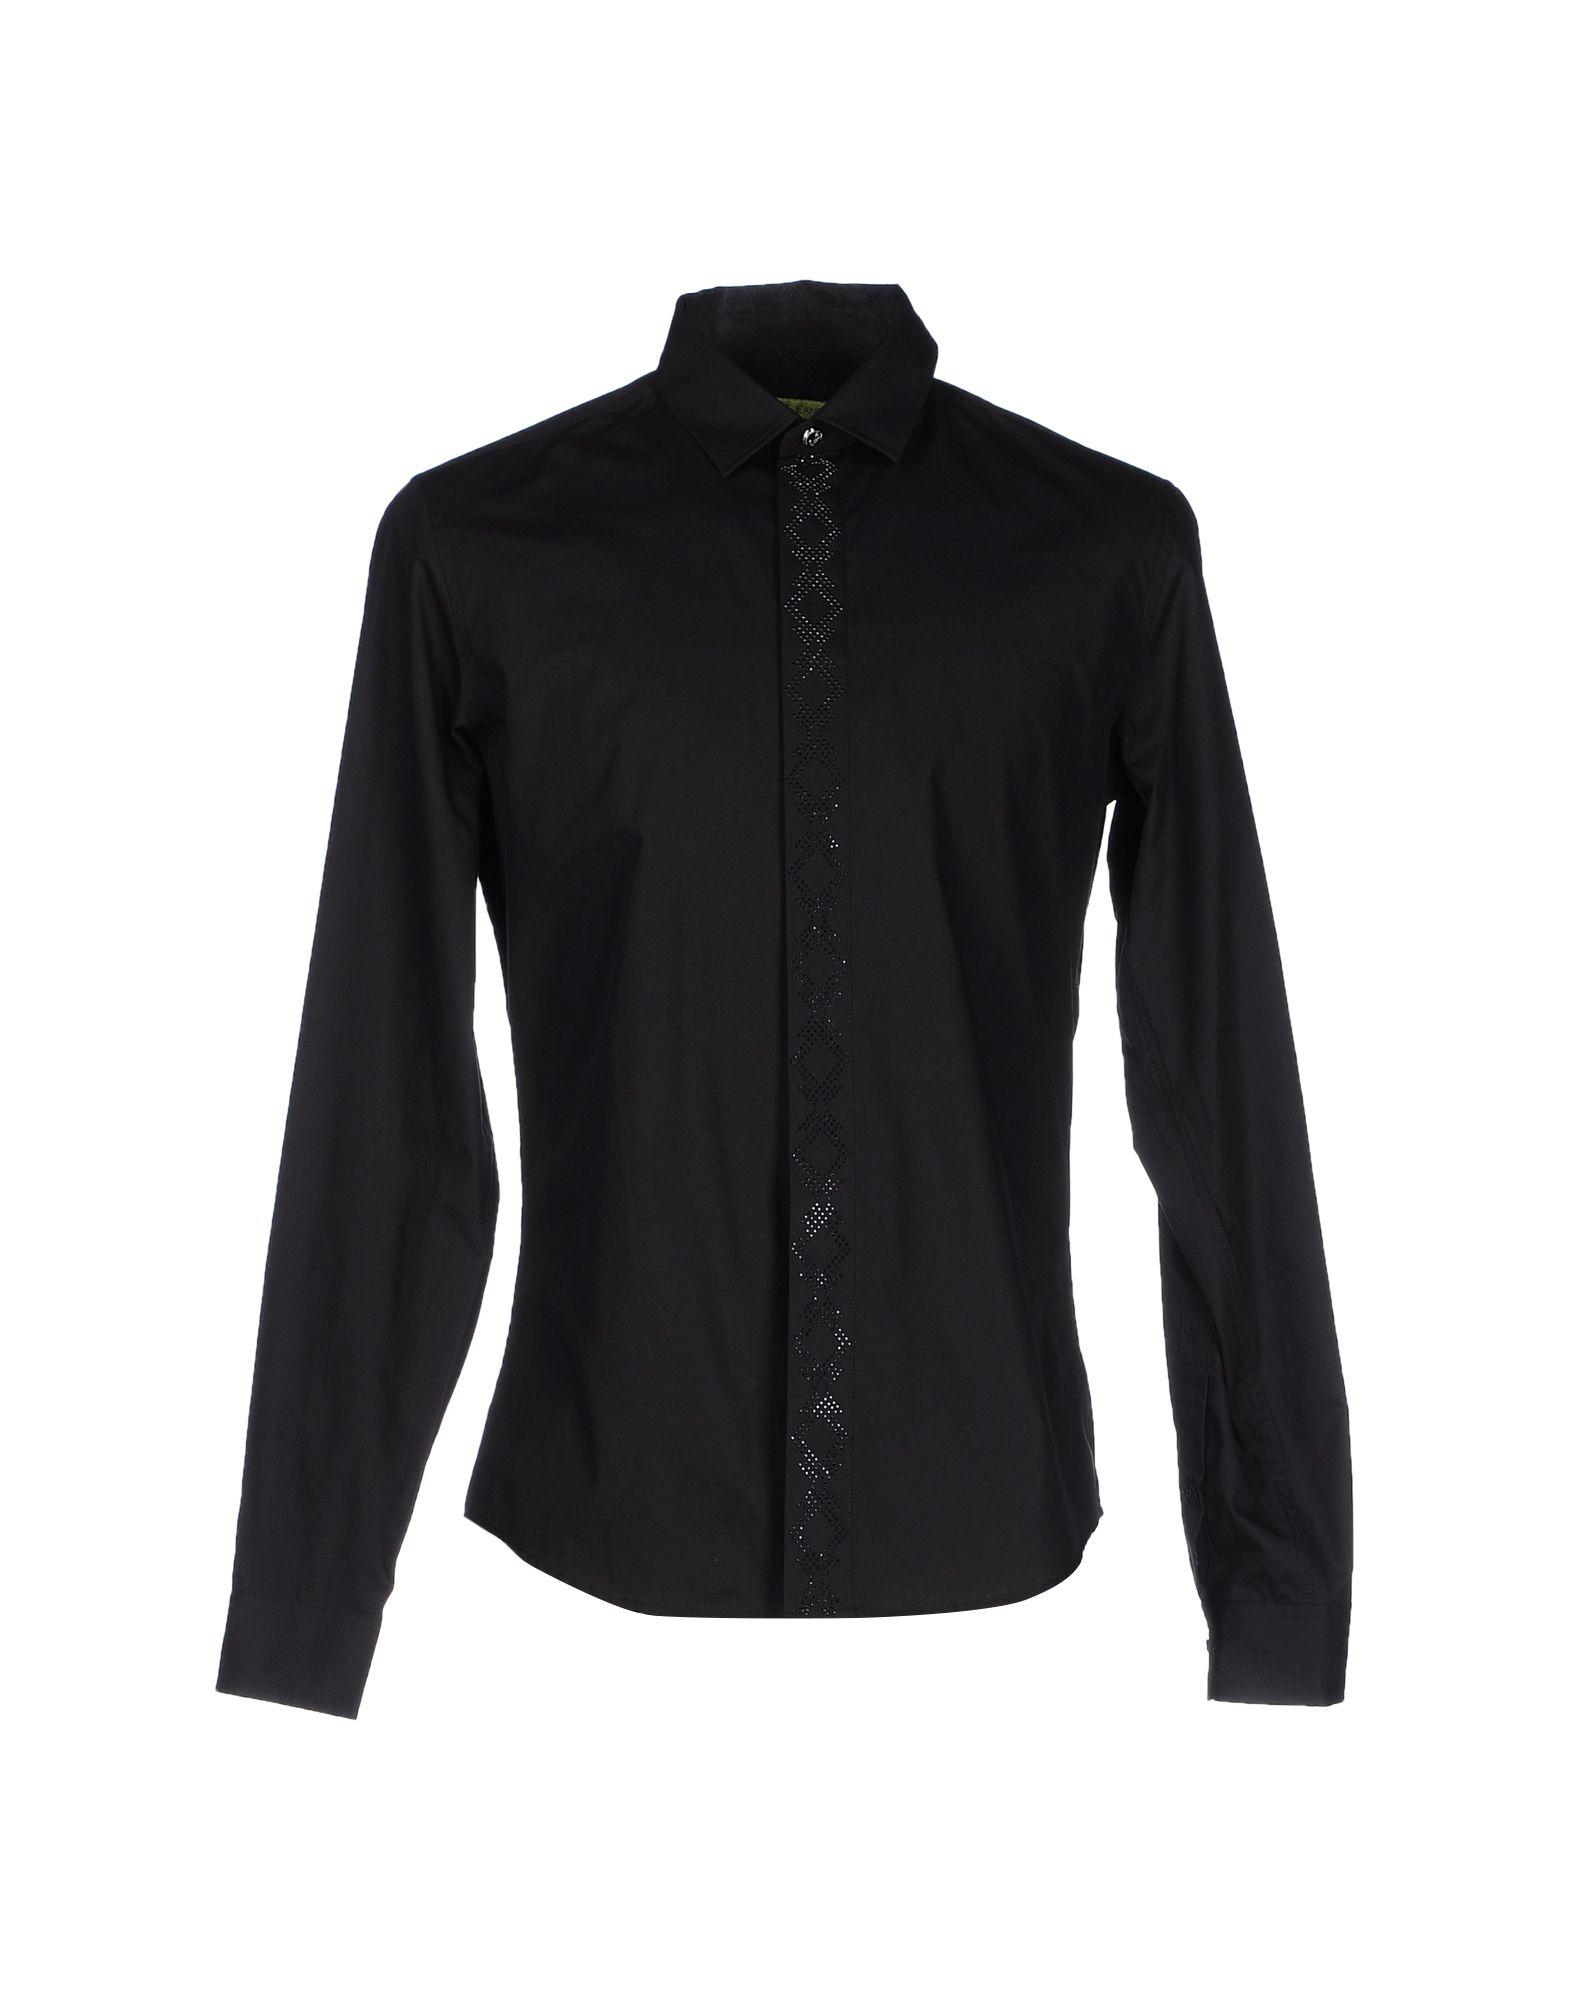 VERSACE JEANS Herren Hemd Farbe Schwarz Größe 5